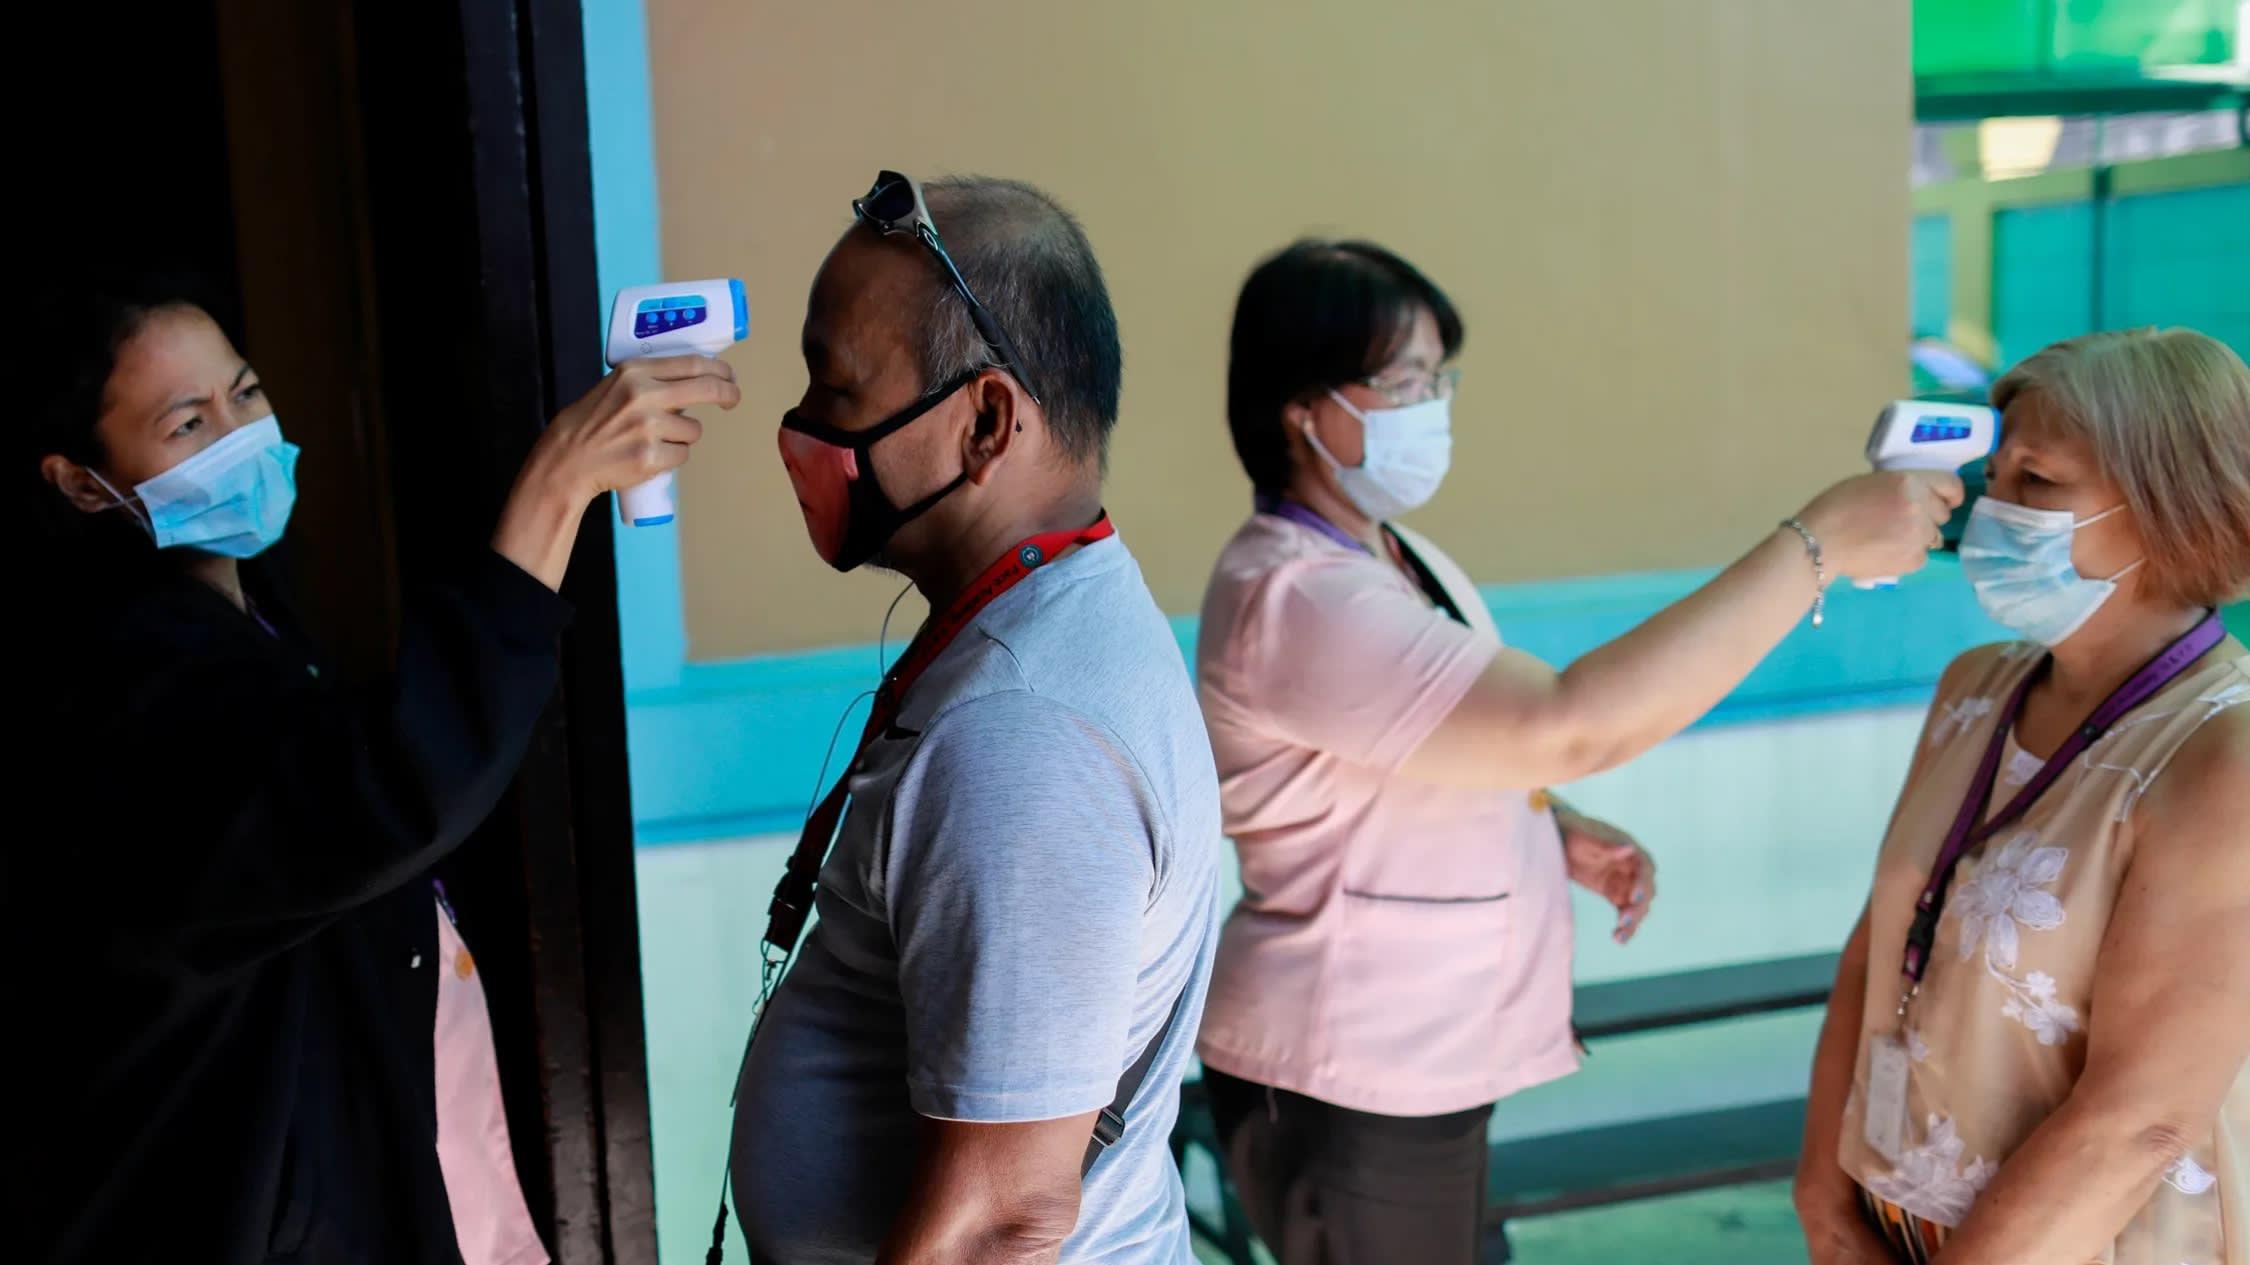 coronavirus in the Philippines